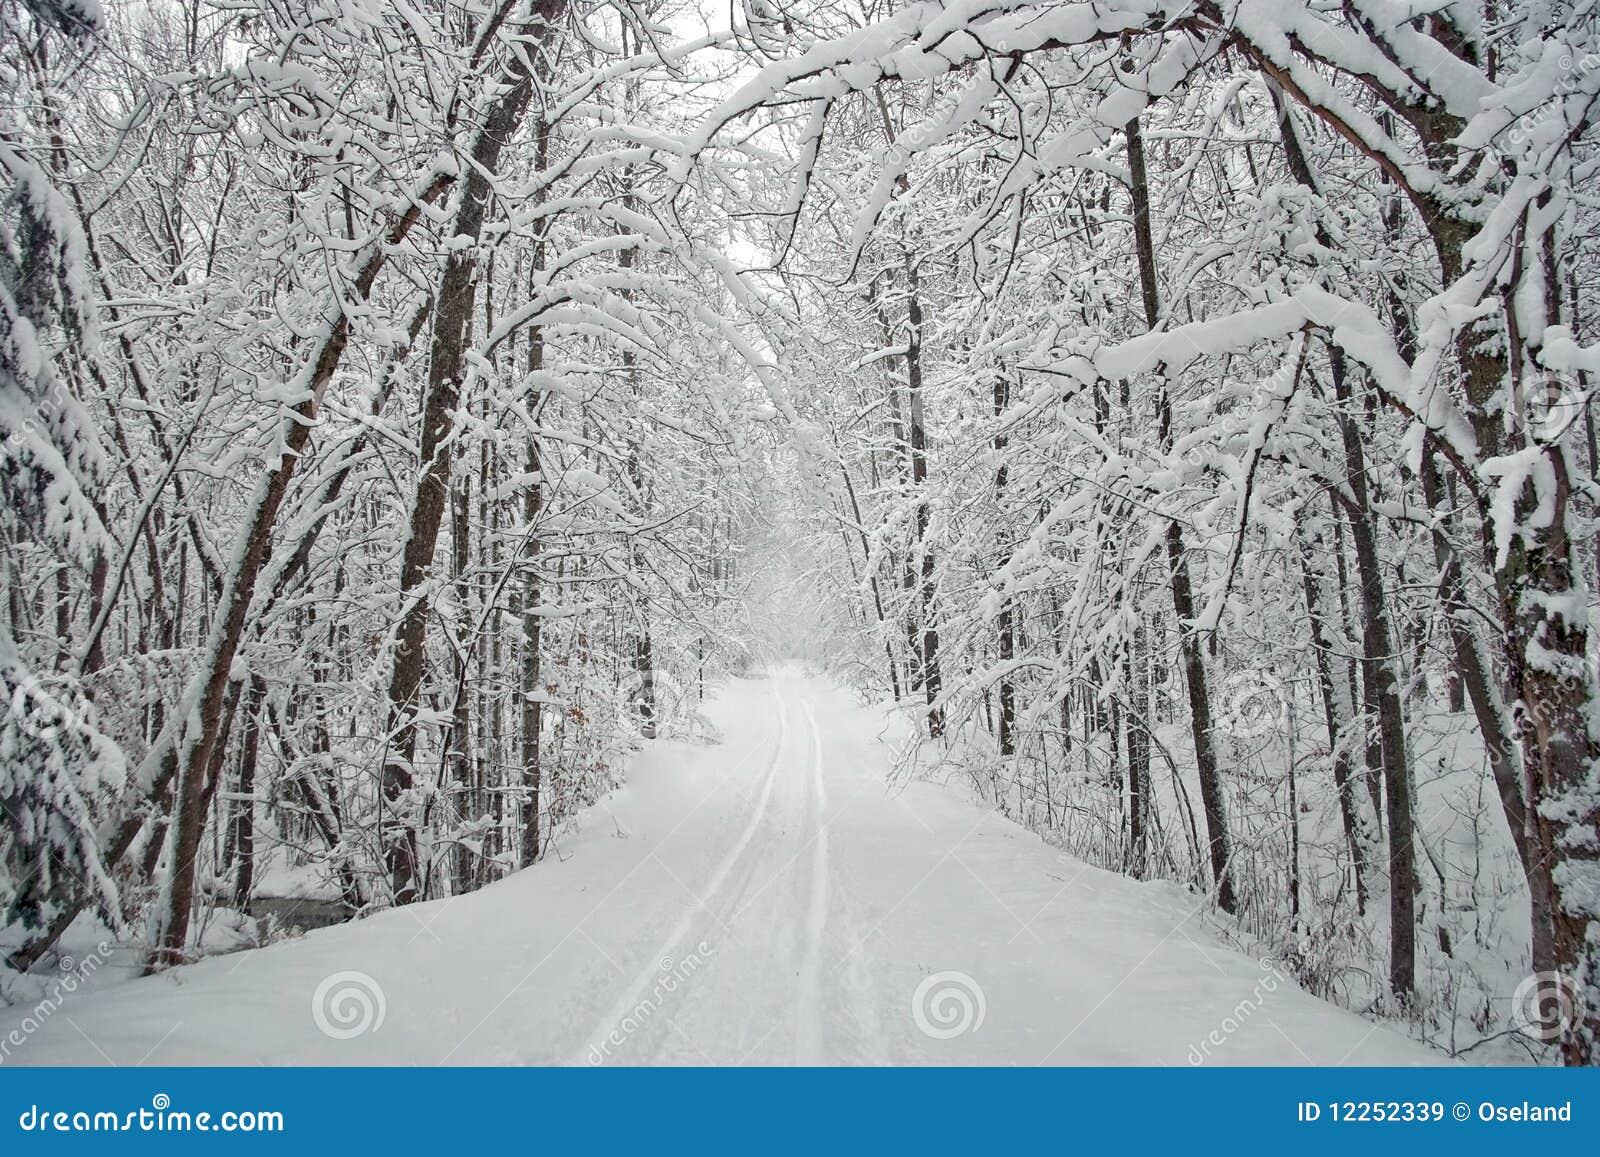 Strada allineata albero di inverno con neve immagini stock for Immagini per desktop inverno